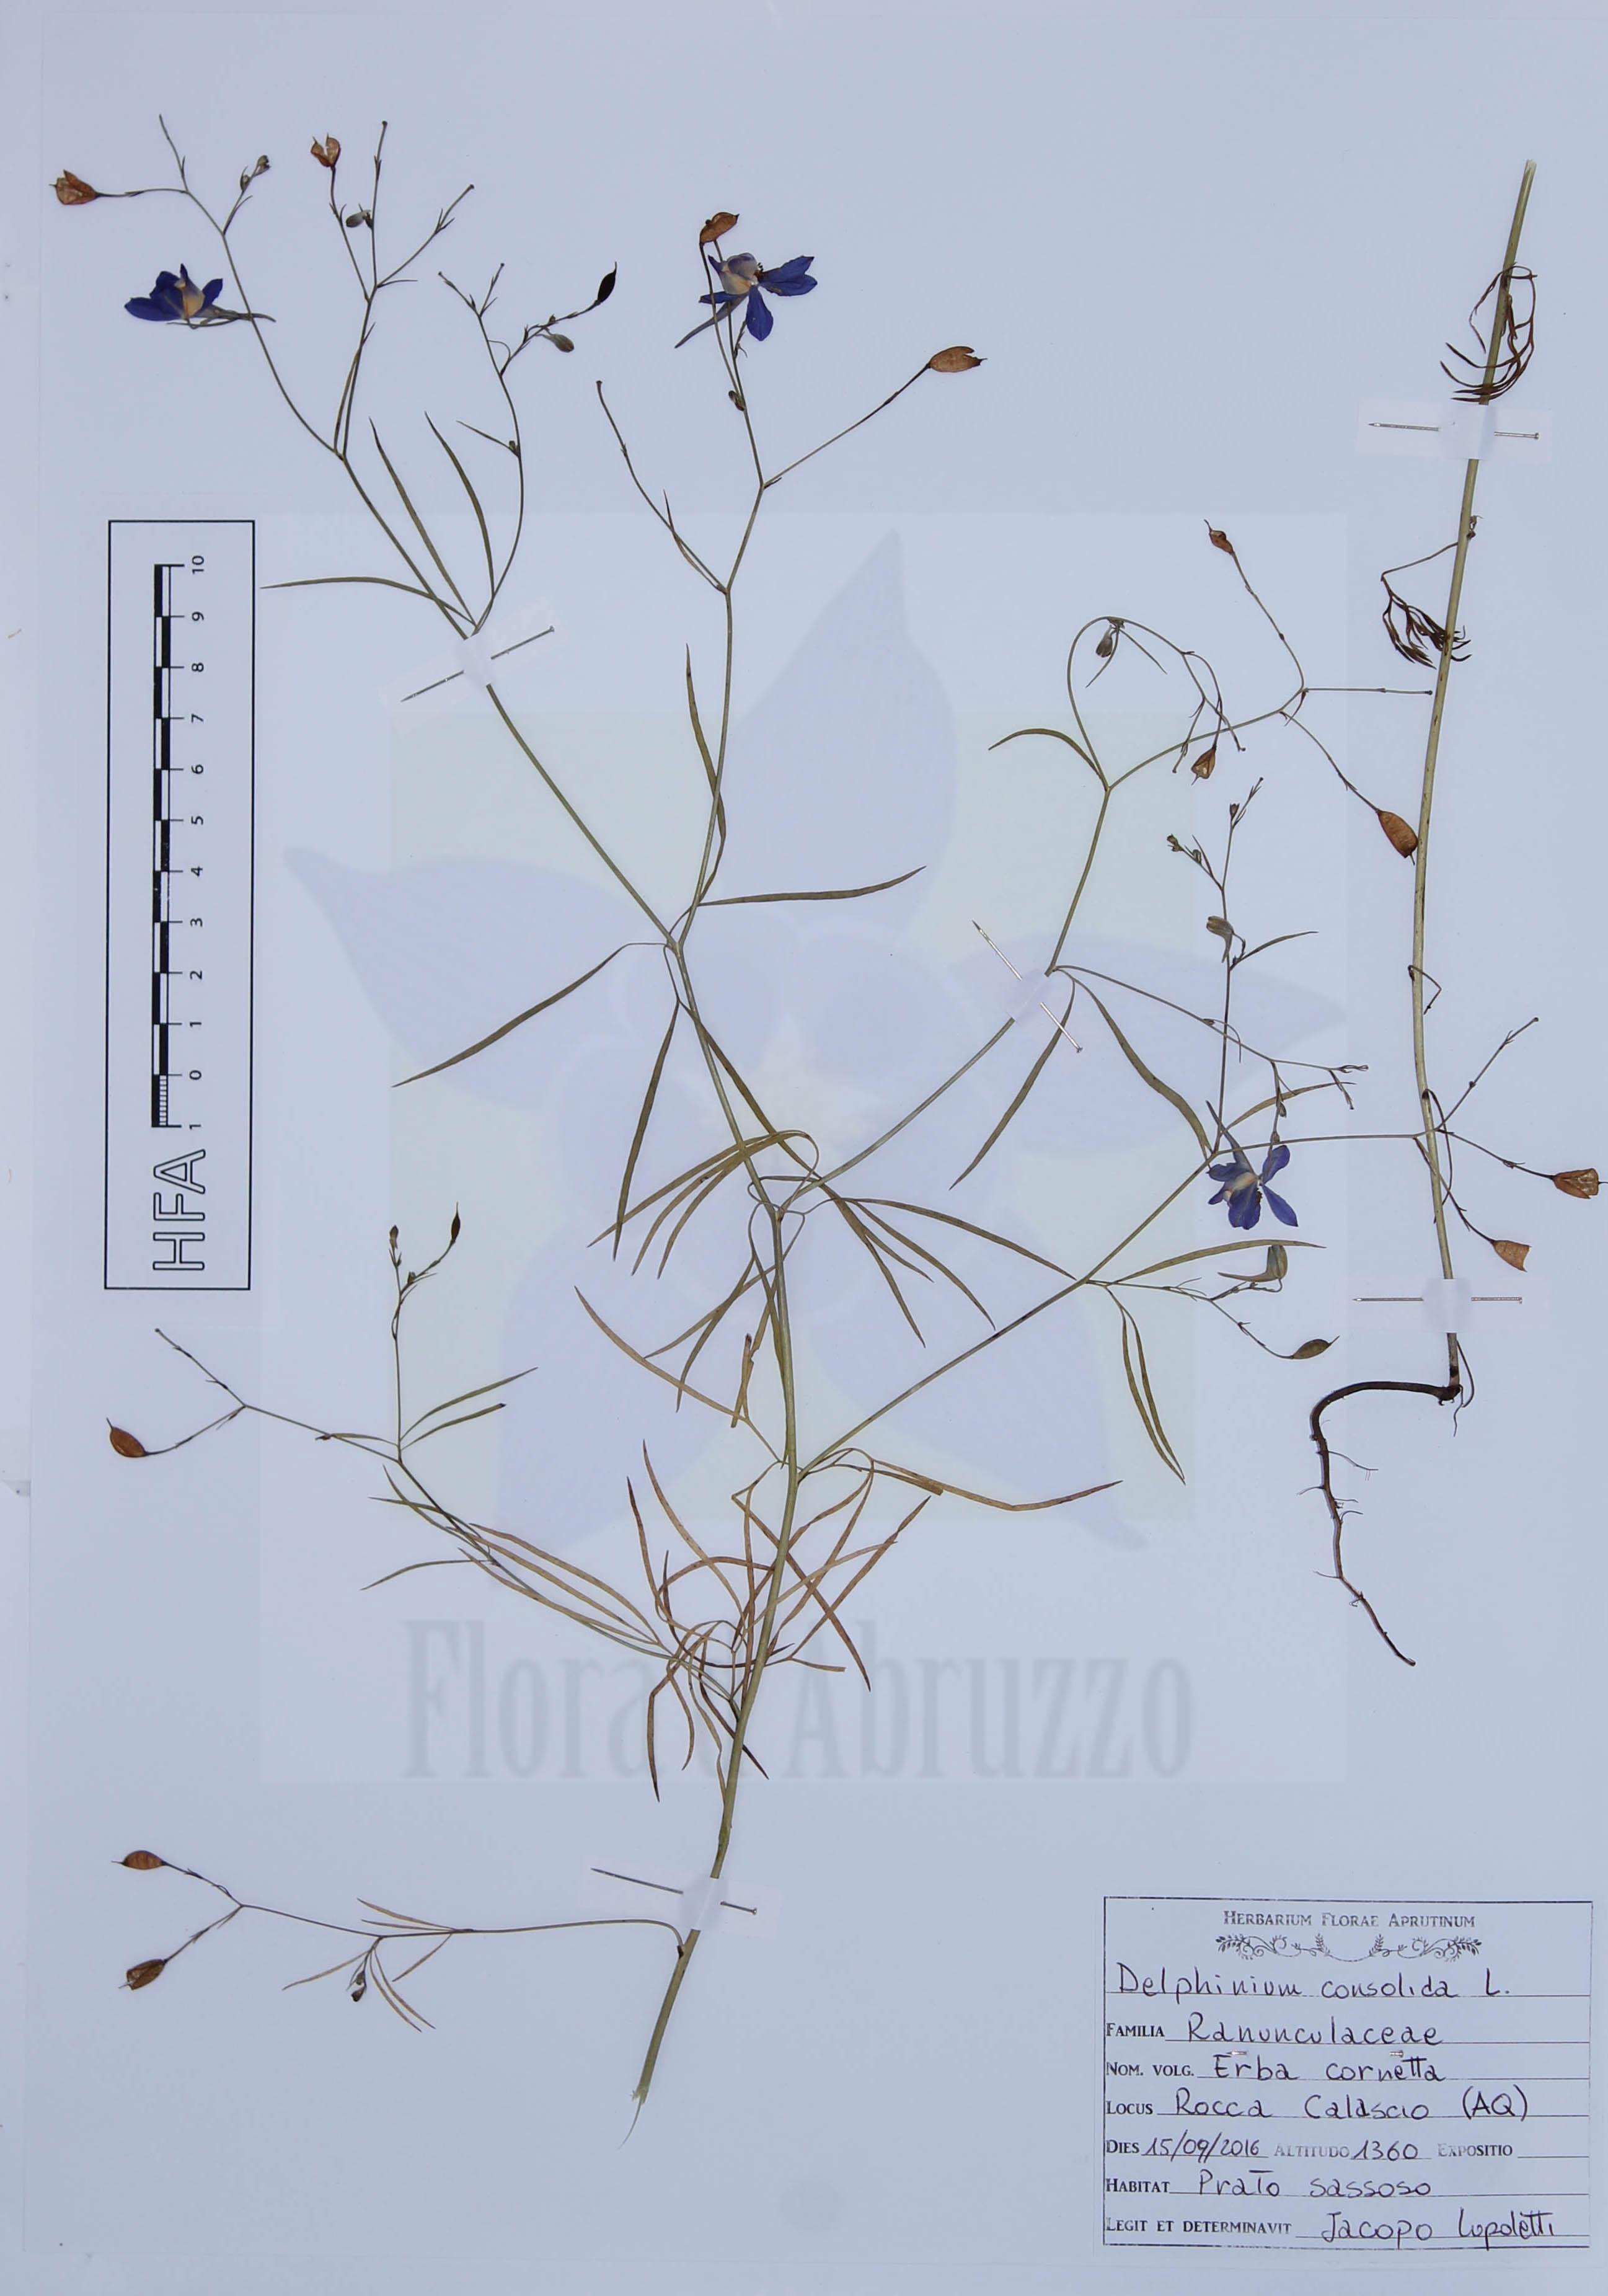 Delphinium consolidaL. subsp.consolida